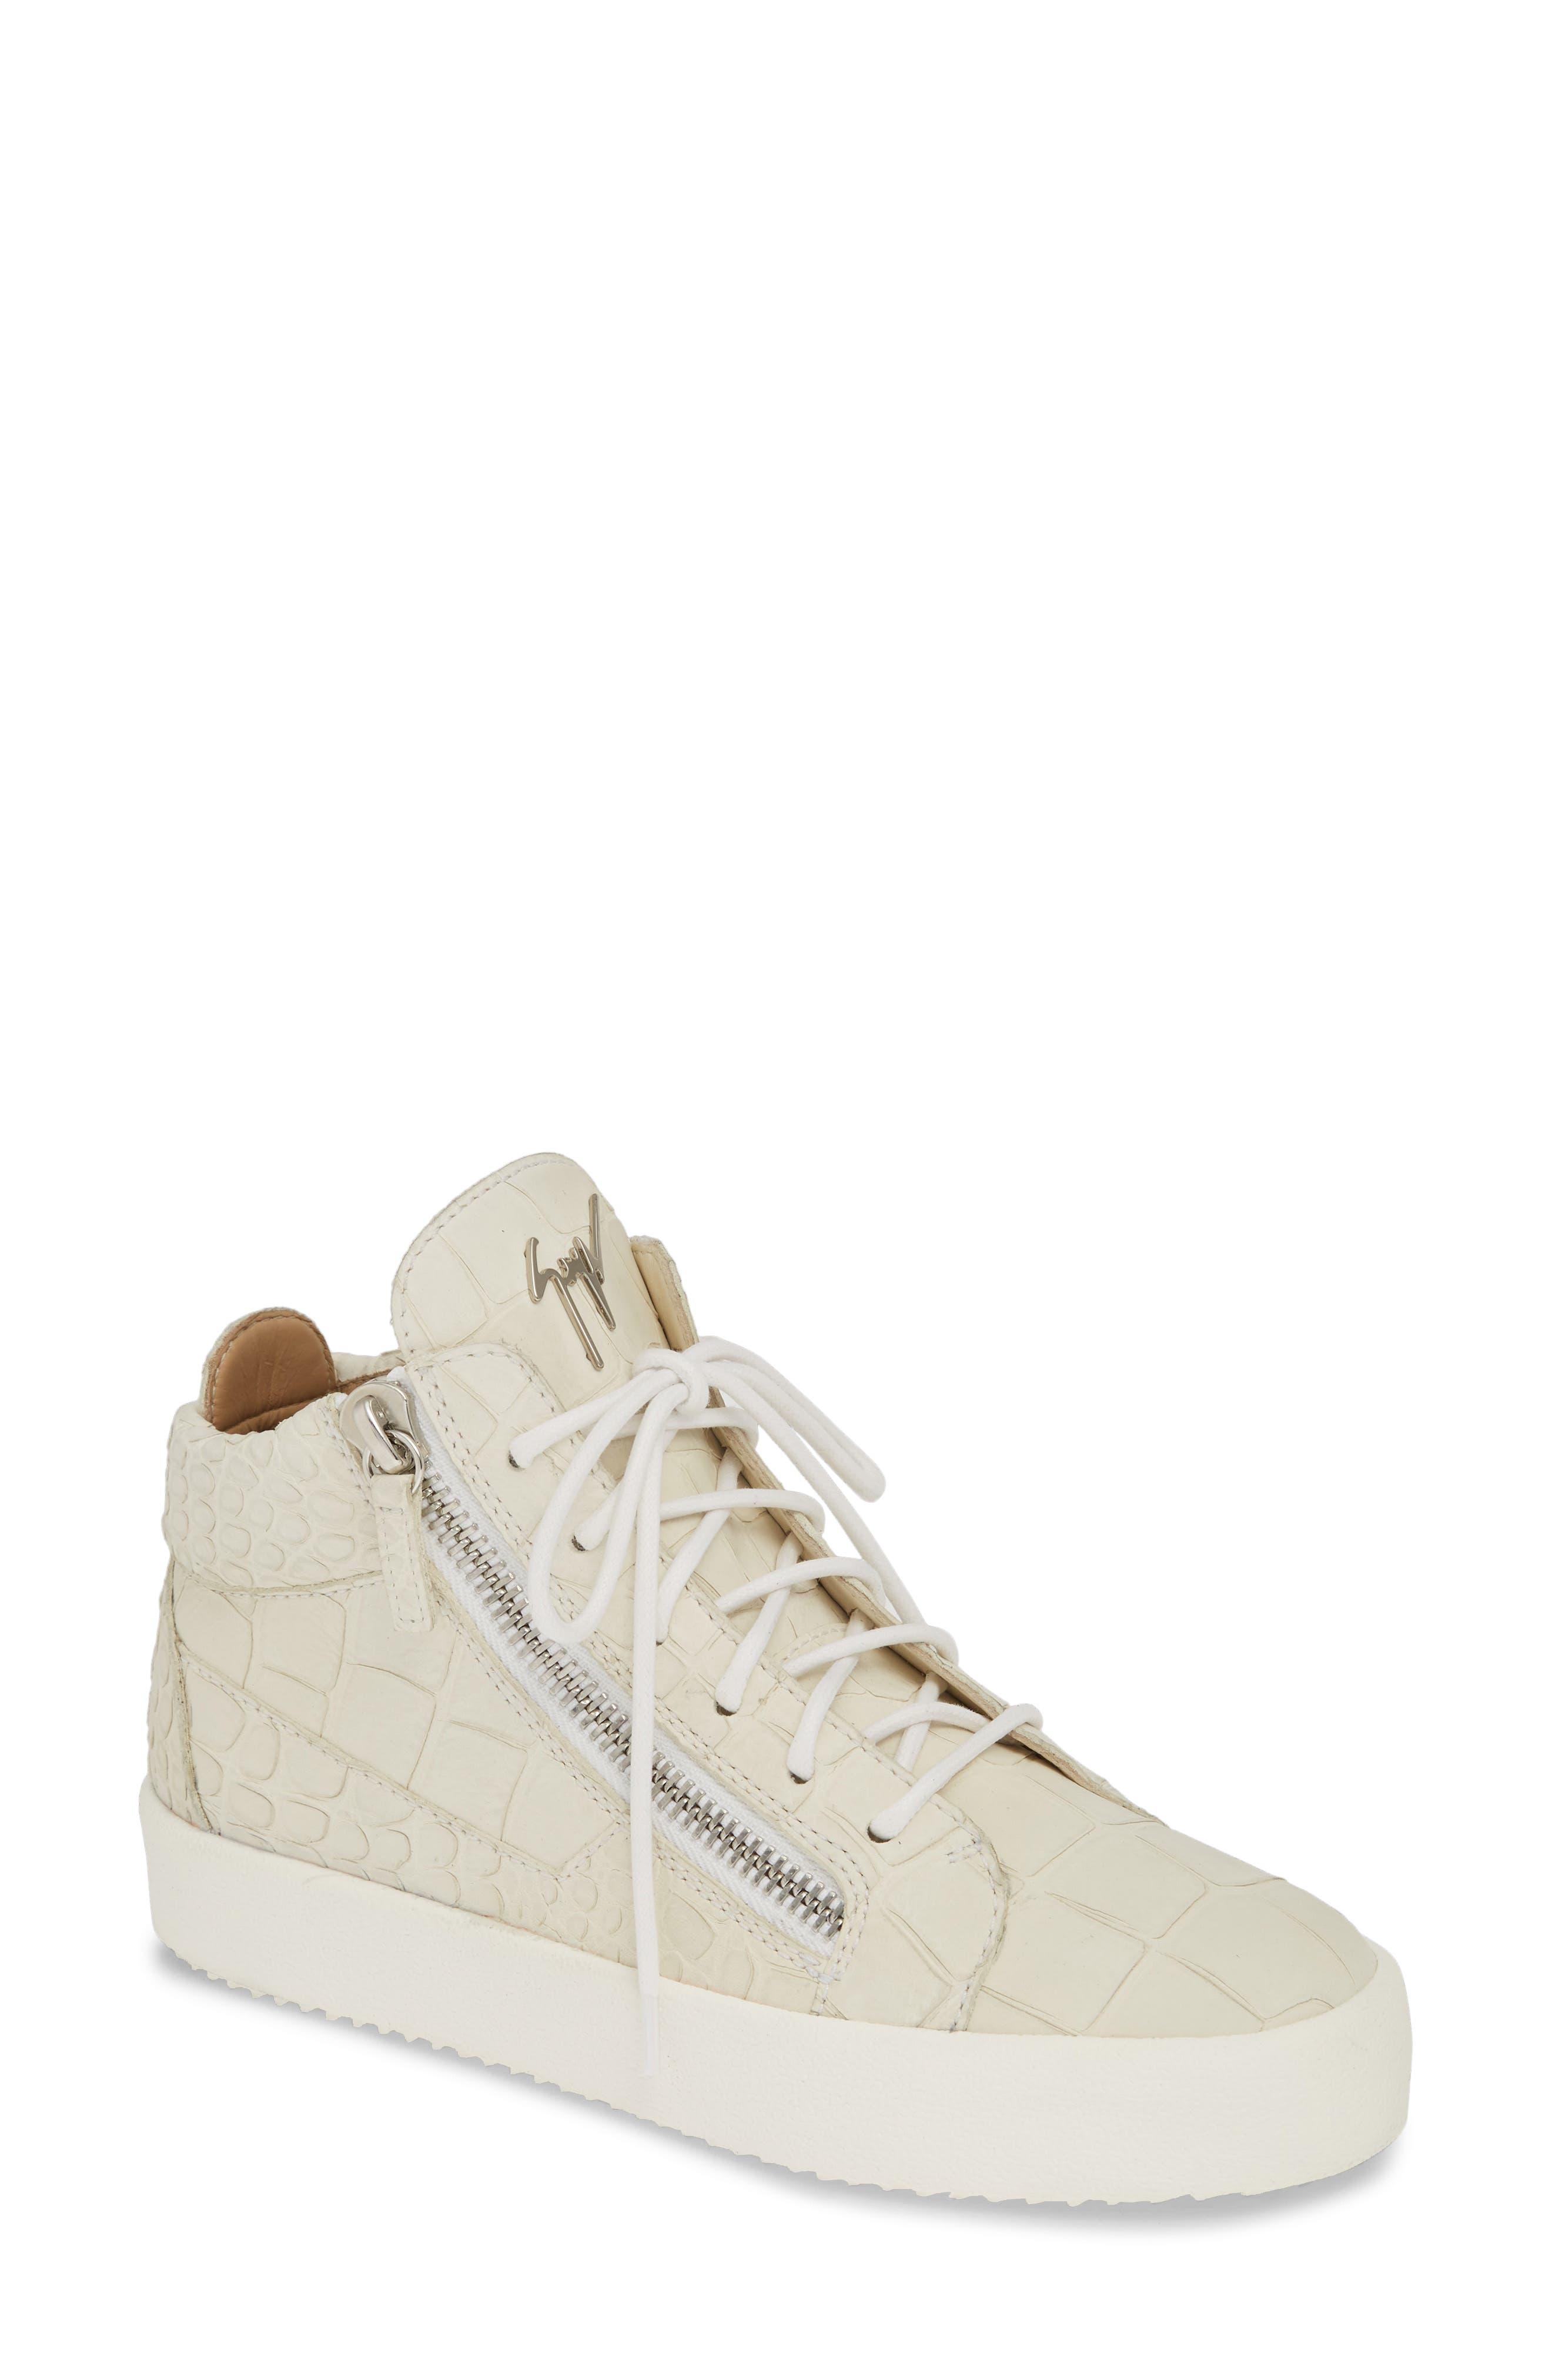 Giuseppe Zanotti May London Sneaker, Ivory